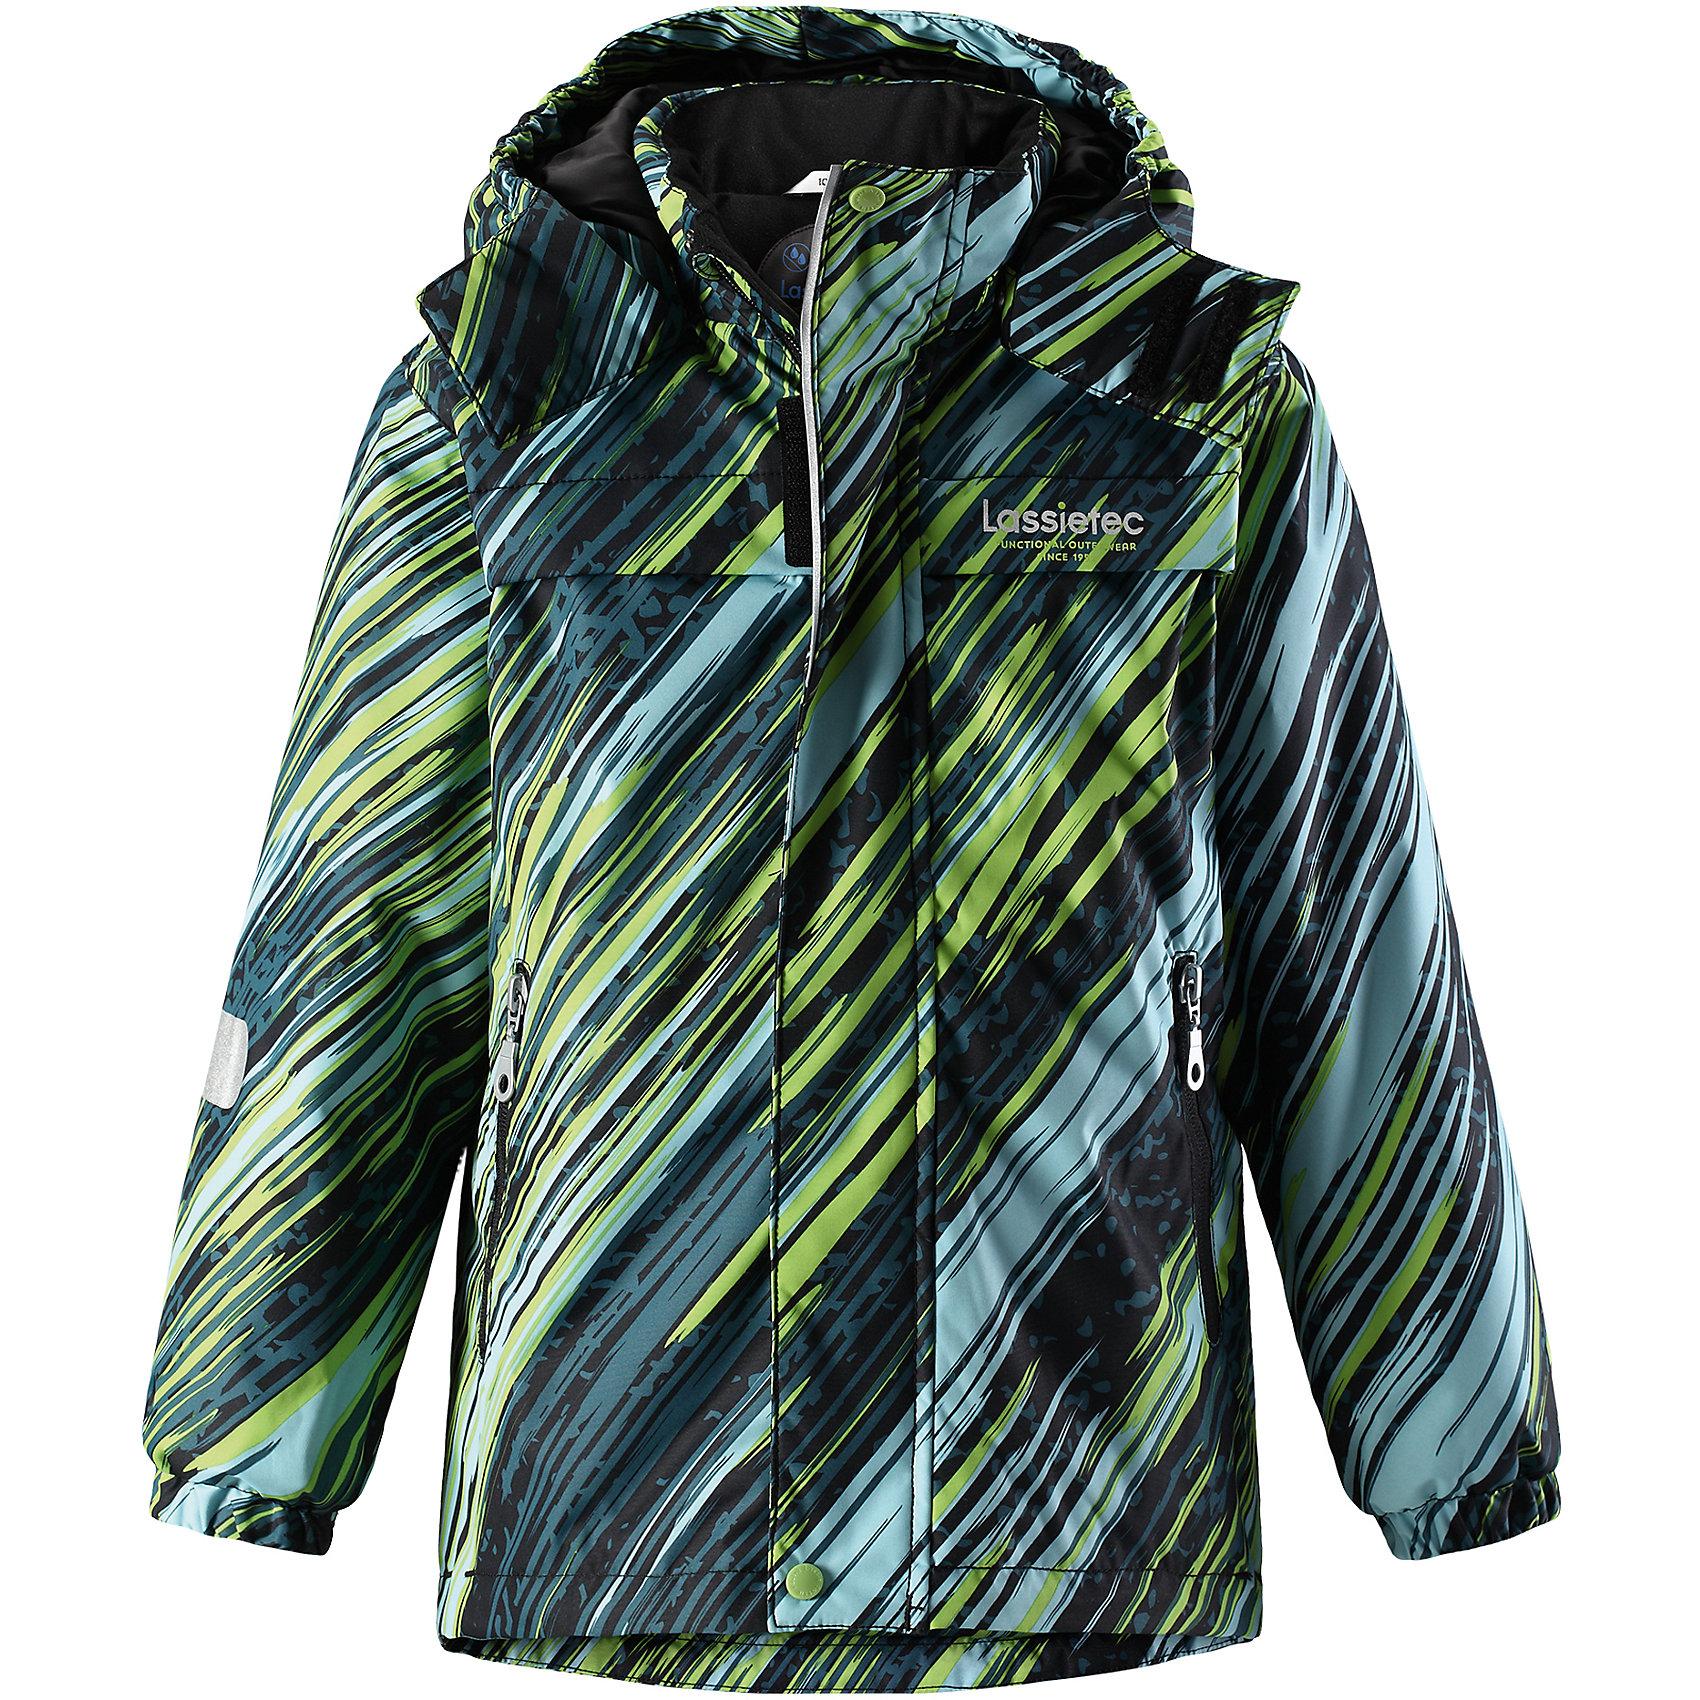 Куртка Lassietec LassieОдежда<br>Характеристики товара:<br><br>• цвет: зеленый в полоску;<br>• состав: 100% полиэстер, полиуретановое покрытие;<br>• подкладка: 100% полиэстер;<br>• утеплитель: 140 г/м2;<br>• сезон: зима;<br>• температурный режим: от 0 до -20С;<br>• водонепроницаемость: 5000 мм;<br>• воздухопроницаемость: 5000 мм;<br>• износостойкость: 20000 циклов (тест Мартиндейла)<br>• застежка: молния с дополнительной защитной планкой;<br>• водоотталкивающий, ветронепроницаемый, дышащий и грязеотталкивающий материал;<br>• внешние швы проклеены;<br>• гладкая подкладка из полиэстера;<br>• безопасный съемный капюшон; <br>• эластичная талия, манжеты рукавов и низ штанин;<br>• карманы на молнии;<br>• светоотражающие детали;<br>• страна бренда: Финляндия;<br>• страна изготовитель: Китай;<br><br>Эта теплая и функциональная детская зимняя куртка Lassietec® отлично подходит для ежедневной носки! Съемный капюшон защищает от пронизывающего ветра и гарантирует безопасность во время игр на свежем воздухе. Гладкая и приятная на ощупь подкладка облегчает надевание и обеспечивает дополнительное утепление. Все основные швы в куртке проклеены, водонепроницаемы, а водонепроницаемый, ветронепроницаемый и дышащий материал обеспечивает комфорт во время веселых прогулок. <br><br>Куртку Lassietec Lassie (Ласси) для мальчика можно купить в нашем интернет-магазине.<br><br>Ширина мм: 356<br>Глубина мм: 10<br>Высота мм: 245<br>Вес г: 519<br>Цвет: зеленый<br>Возраст от месяцев: 96<br>Возраст до месяцев: 108<br>Пол: Унисекс<br>Возраст: Детский<br>Размер: 134,140,92,98,104,110,116,122,128<br>SKU: 6927433